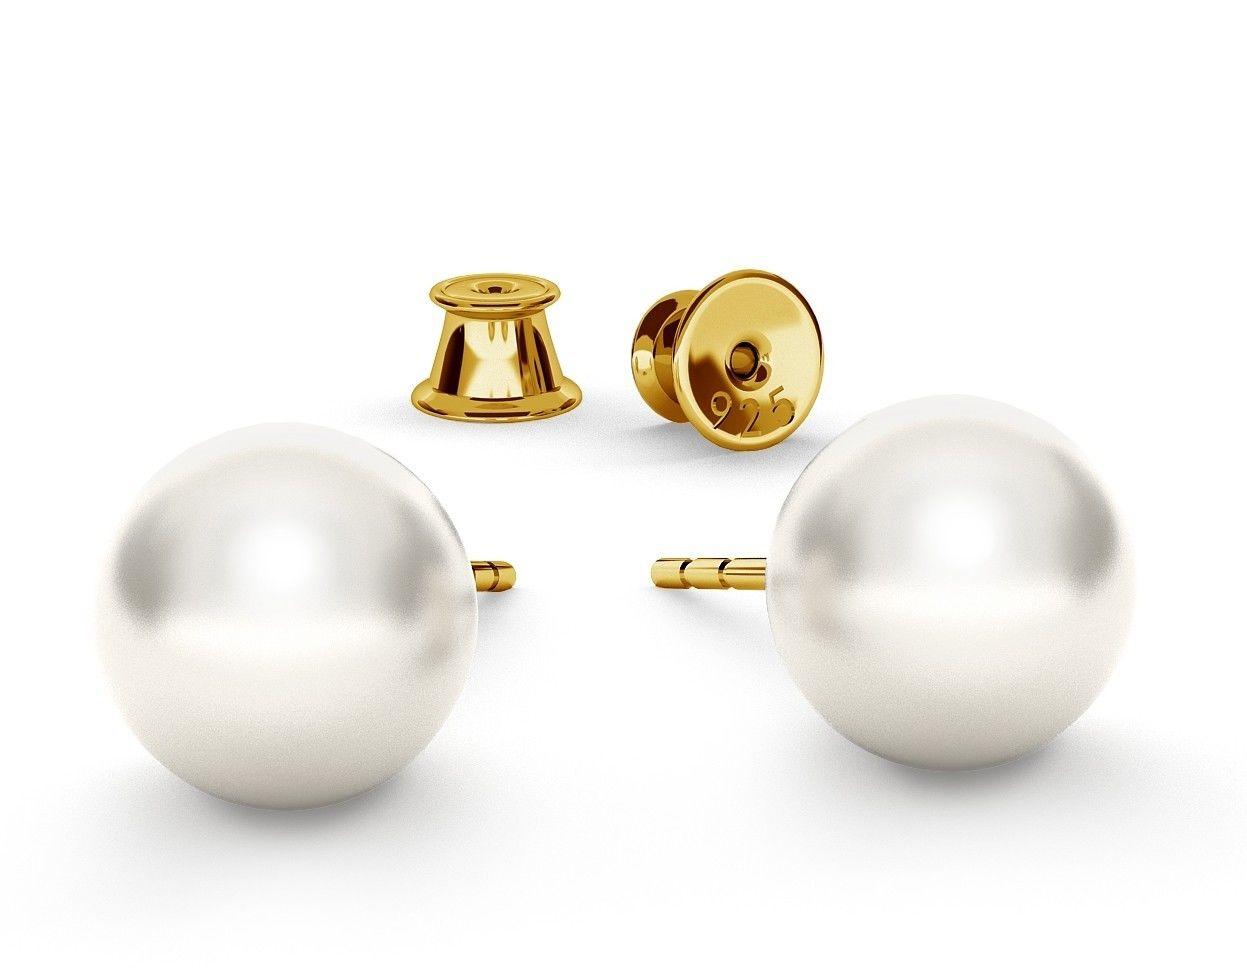 Srebrne kolczyki perła Swarovski 925, srebro 925 : Perła - kolory - SWAROVSKI WHITE, Srebro - kolor pokrycia - Pokrycie żółtym 18K złotem